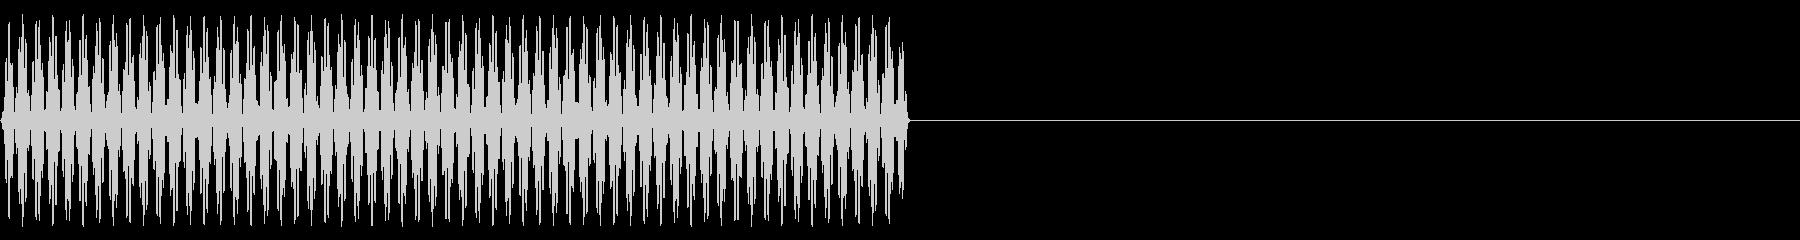 『ピッ』電話のプッシュ音(8)-単音の未再生の波形